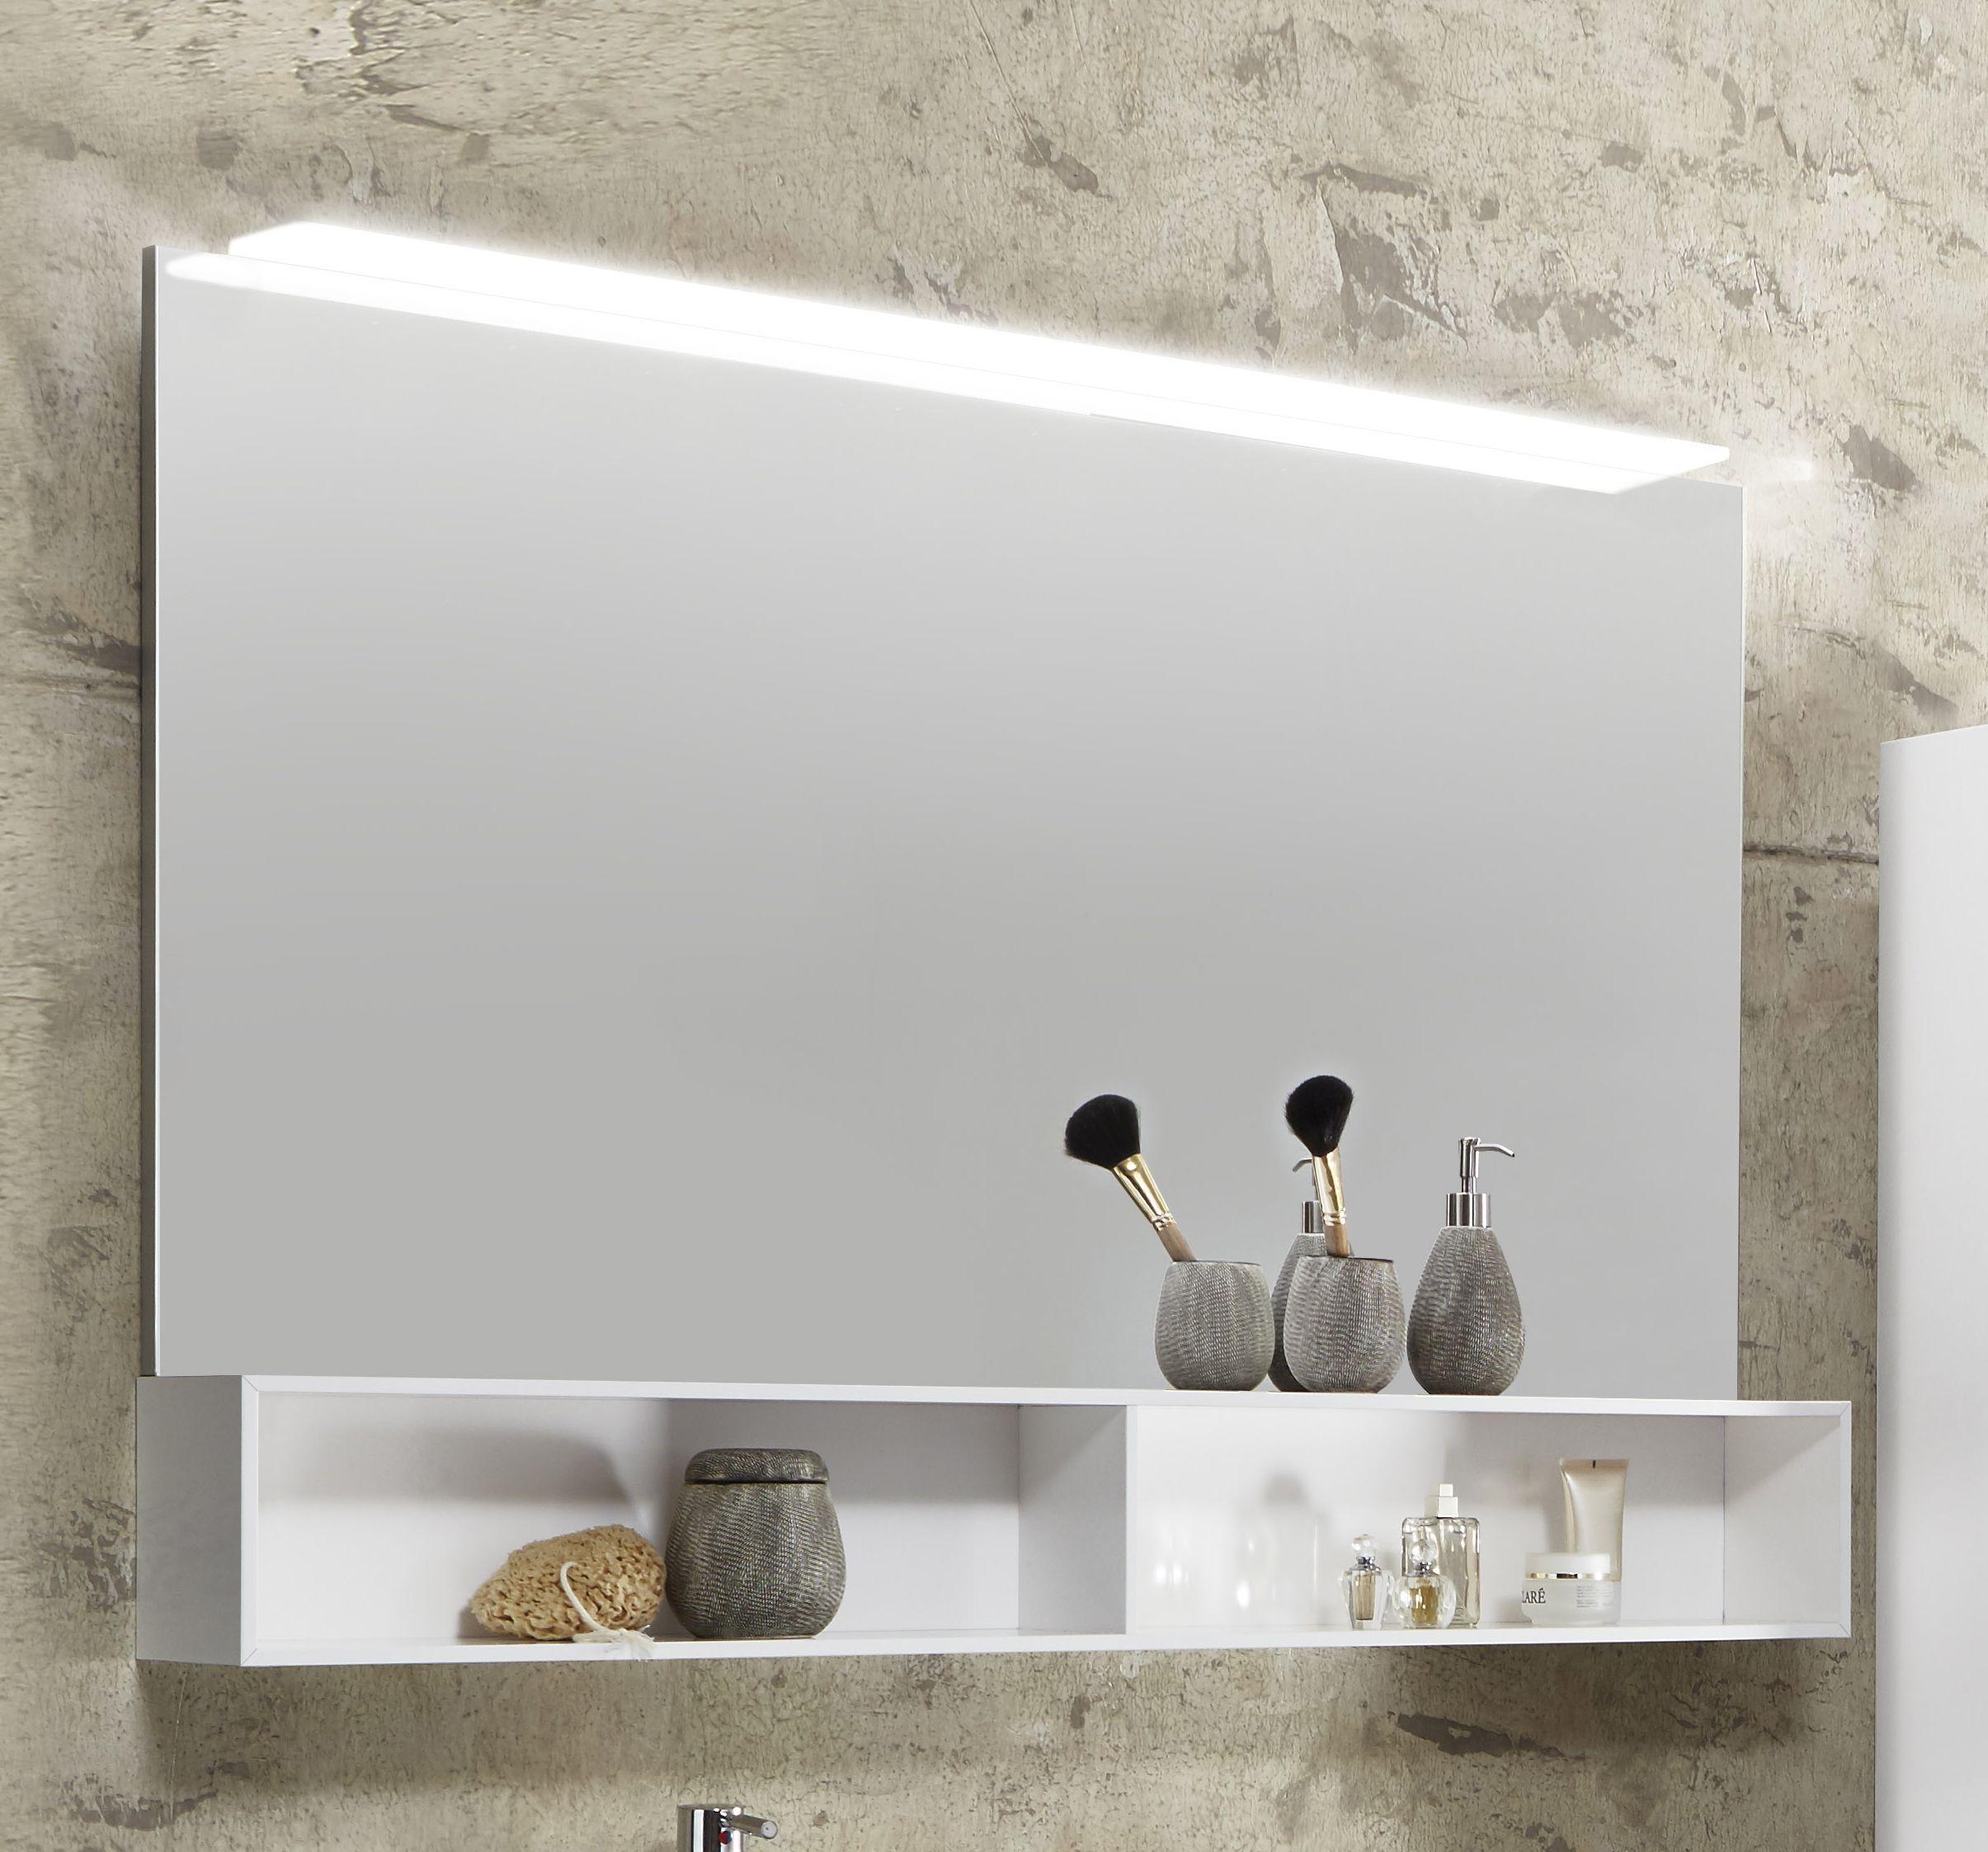 Badezimmerspiegel 120 Cm.Marlin Bad 3110 Badspiegel 120 Cm Breit Spaba12 L R Badmobel 1